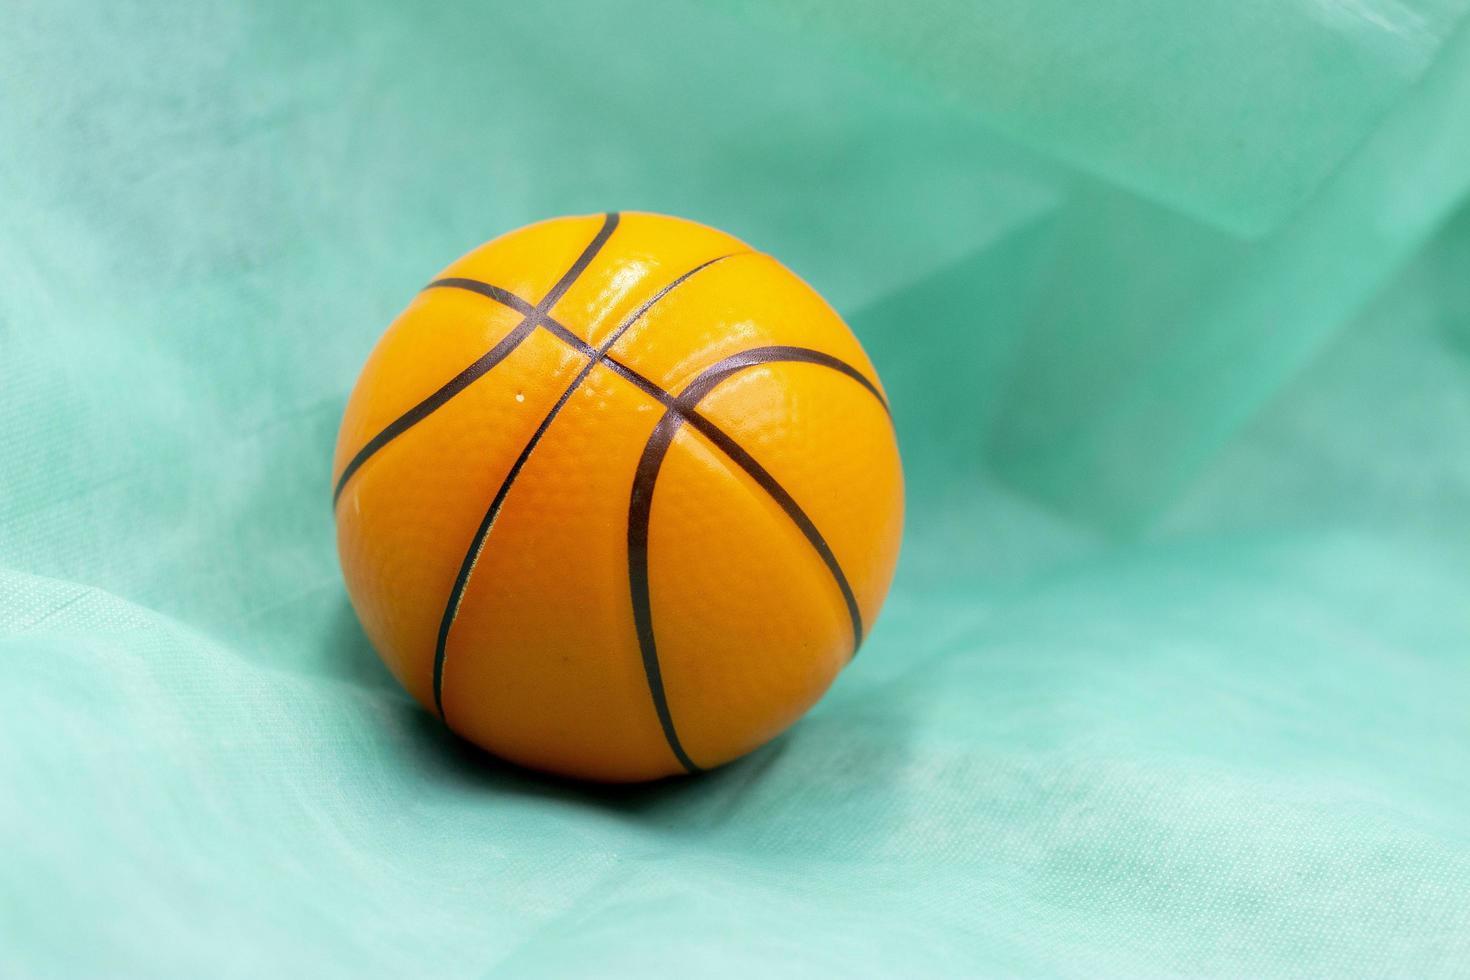 el baloncesto es sobre fondo verde foto